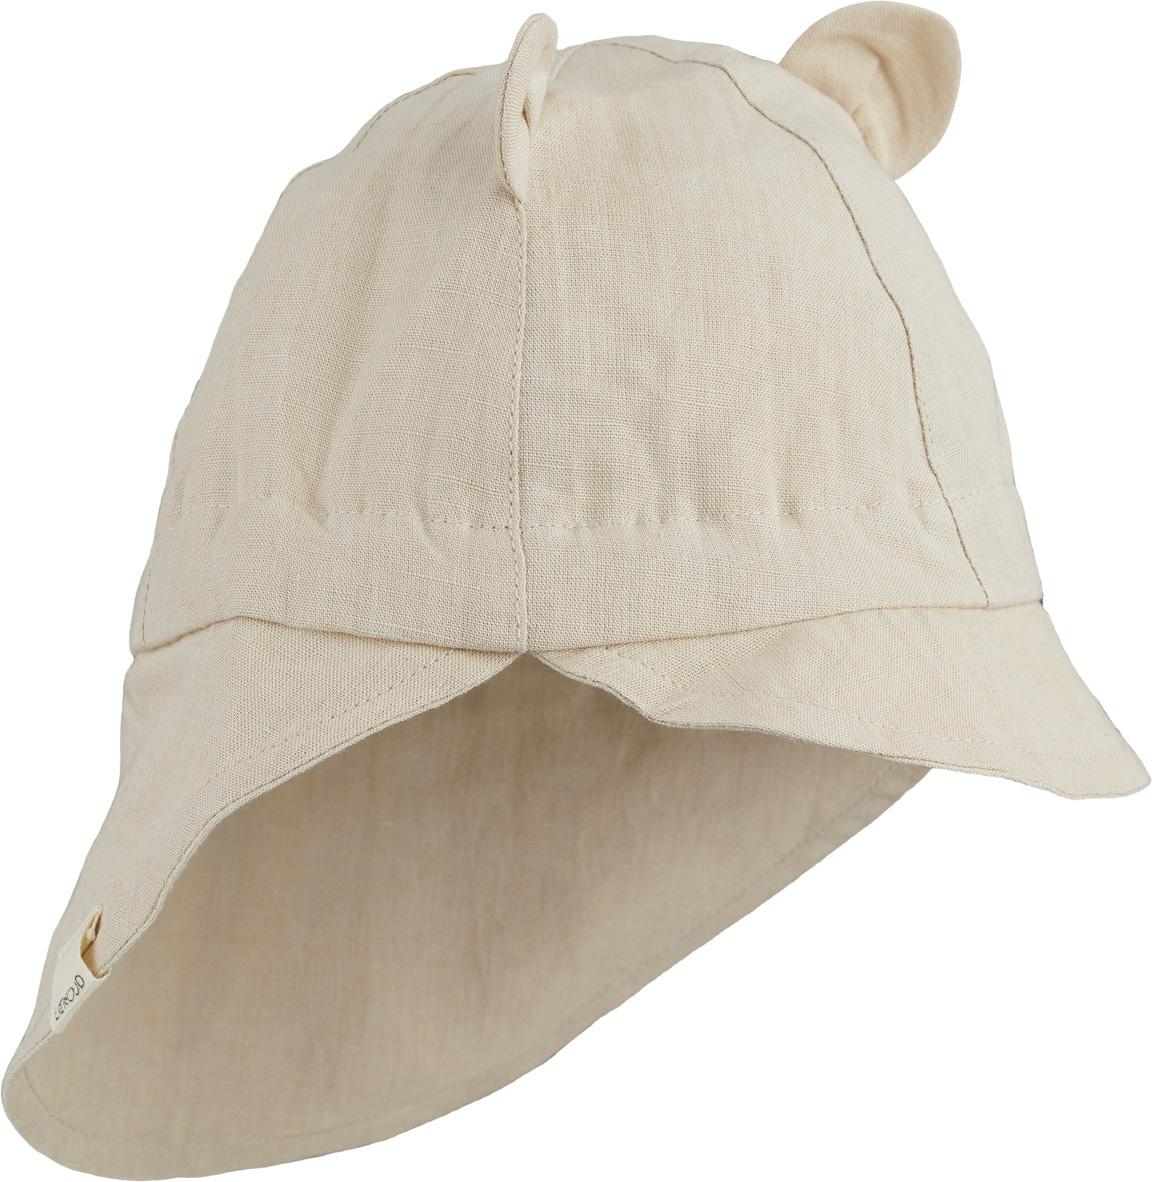 Eric sun hat - Sandy-1